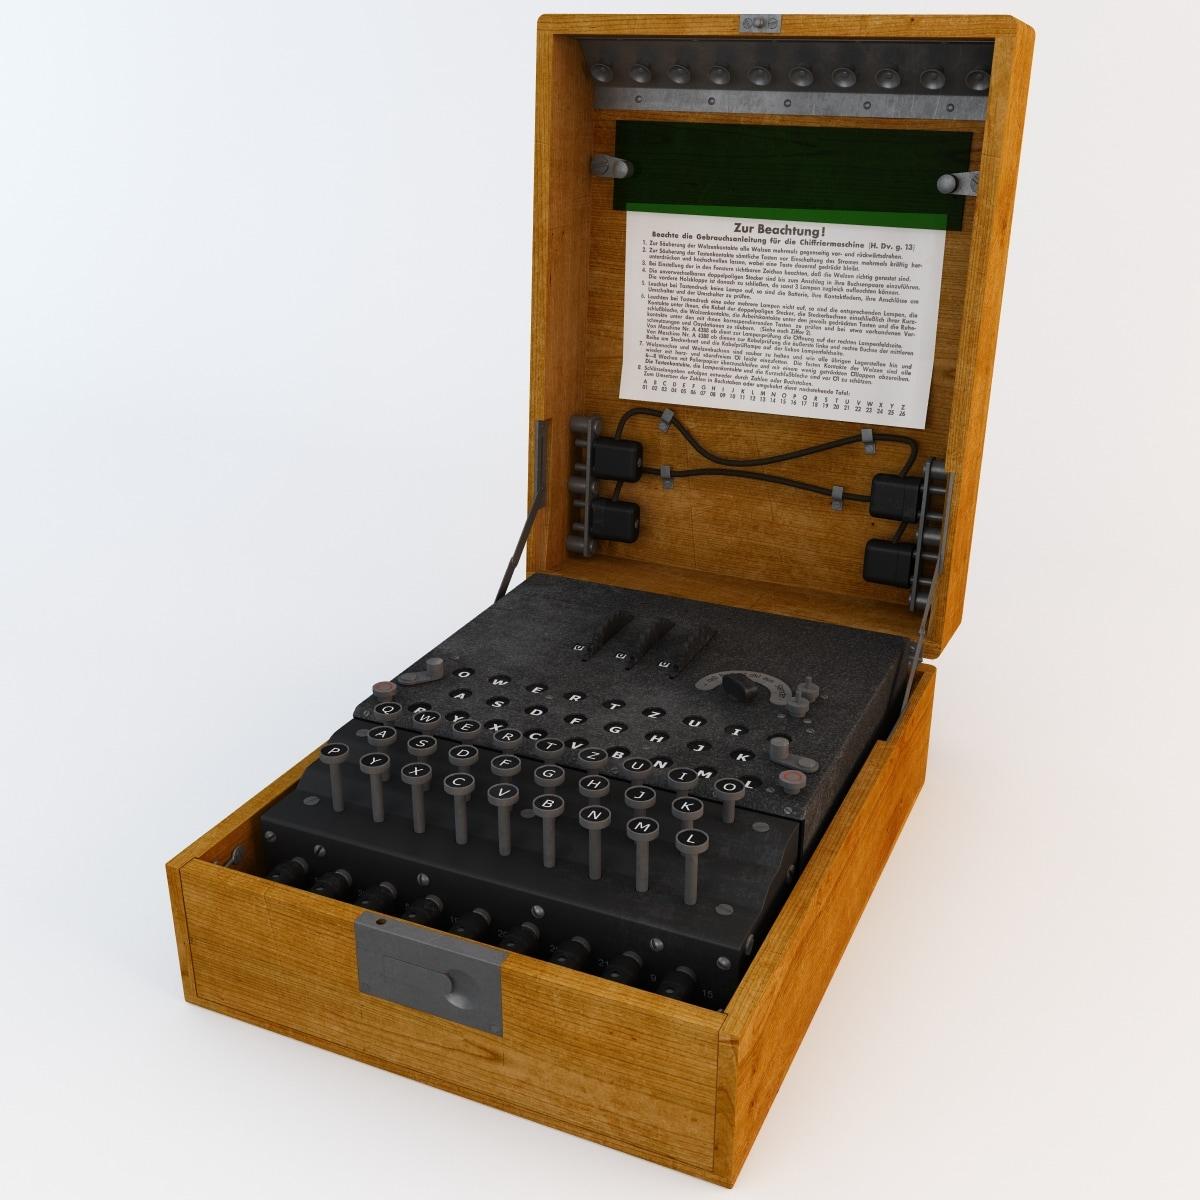 wwii encryption machine